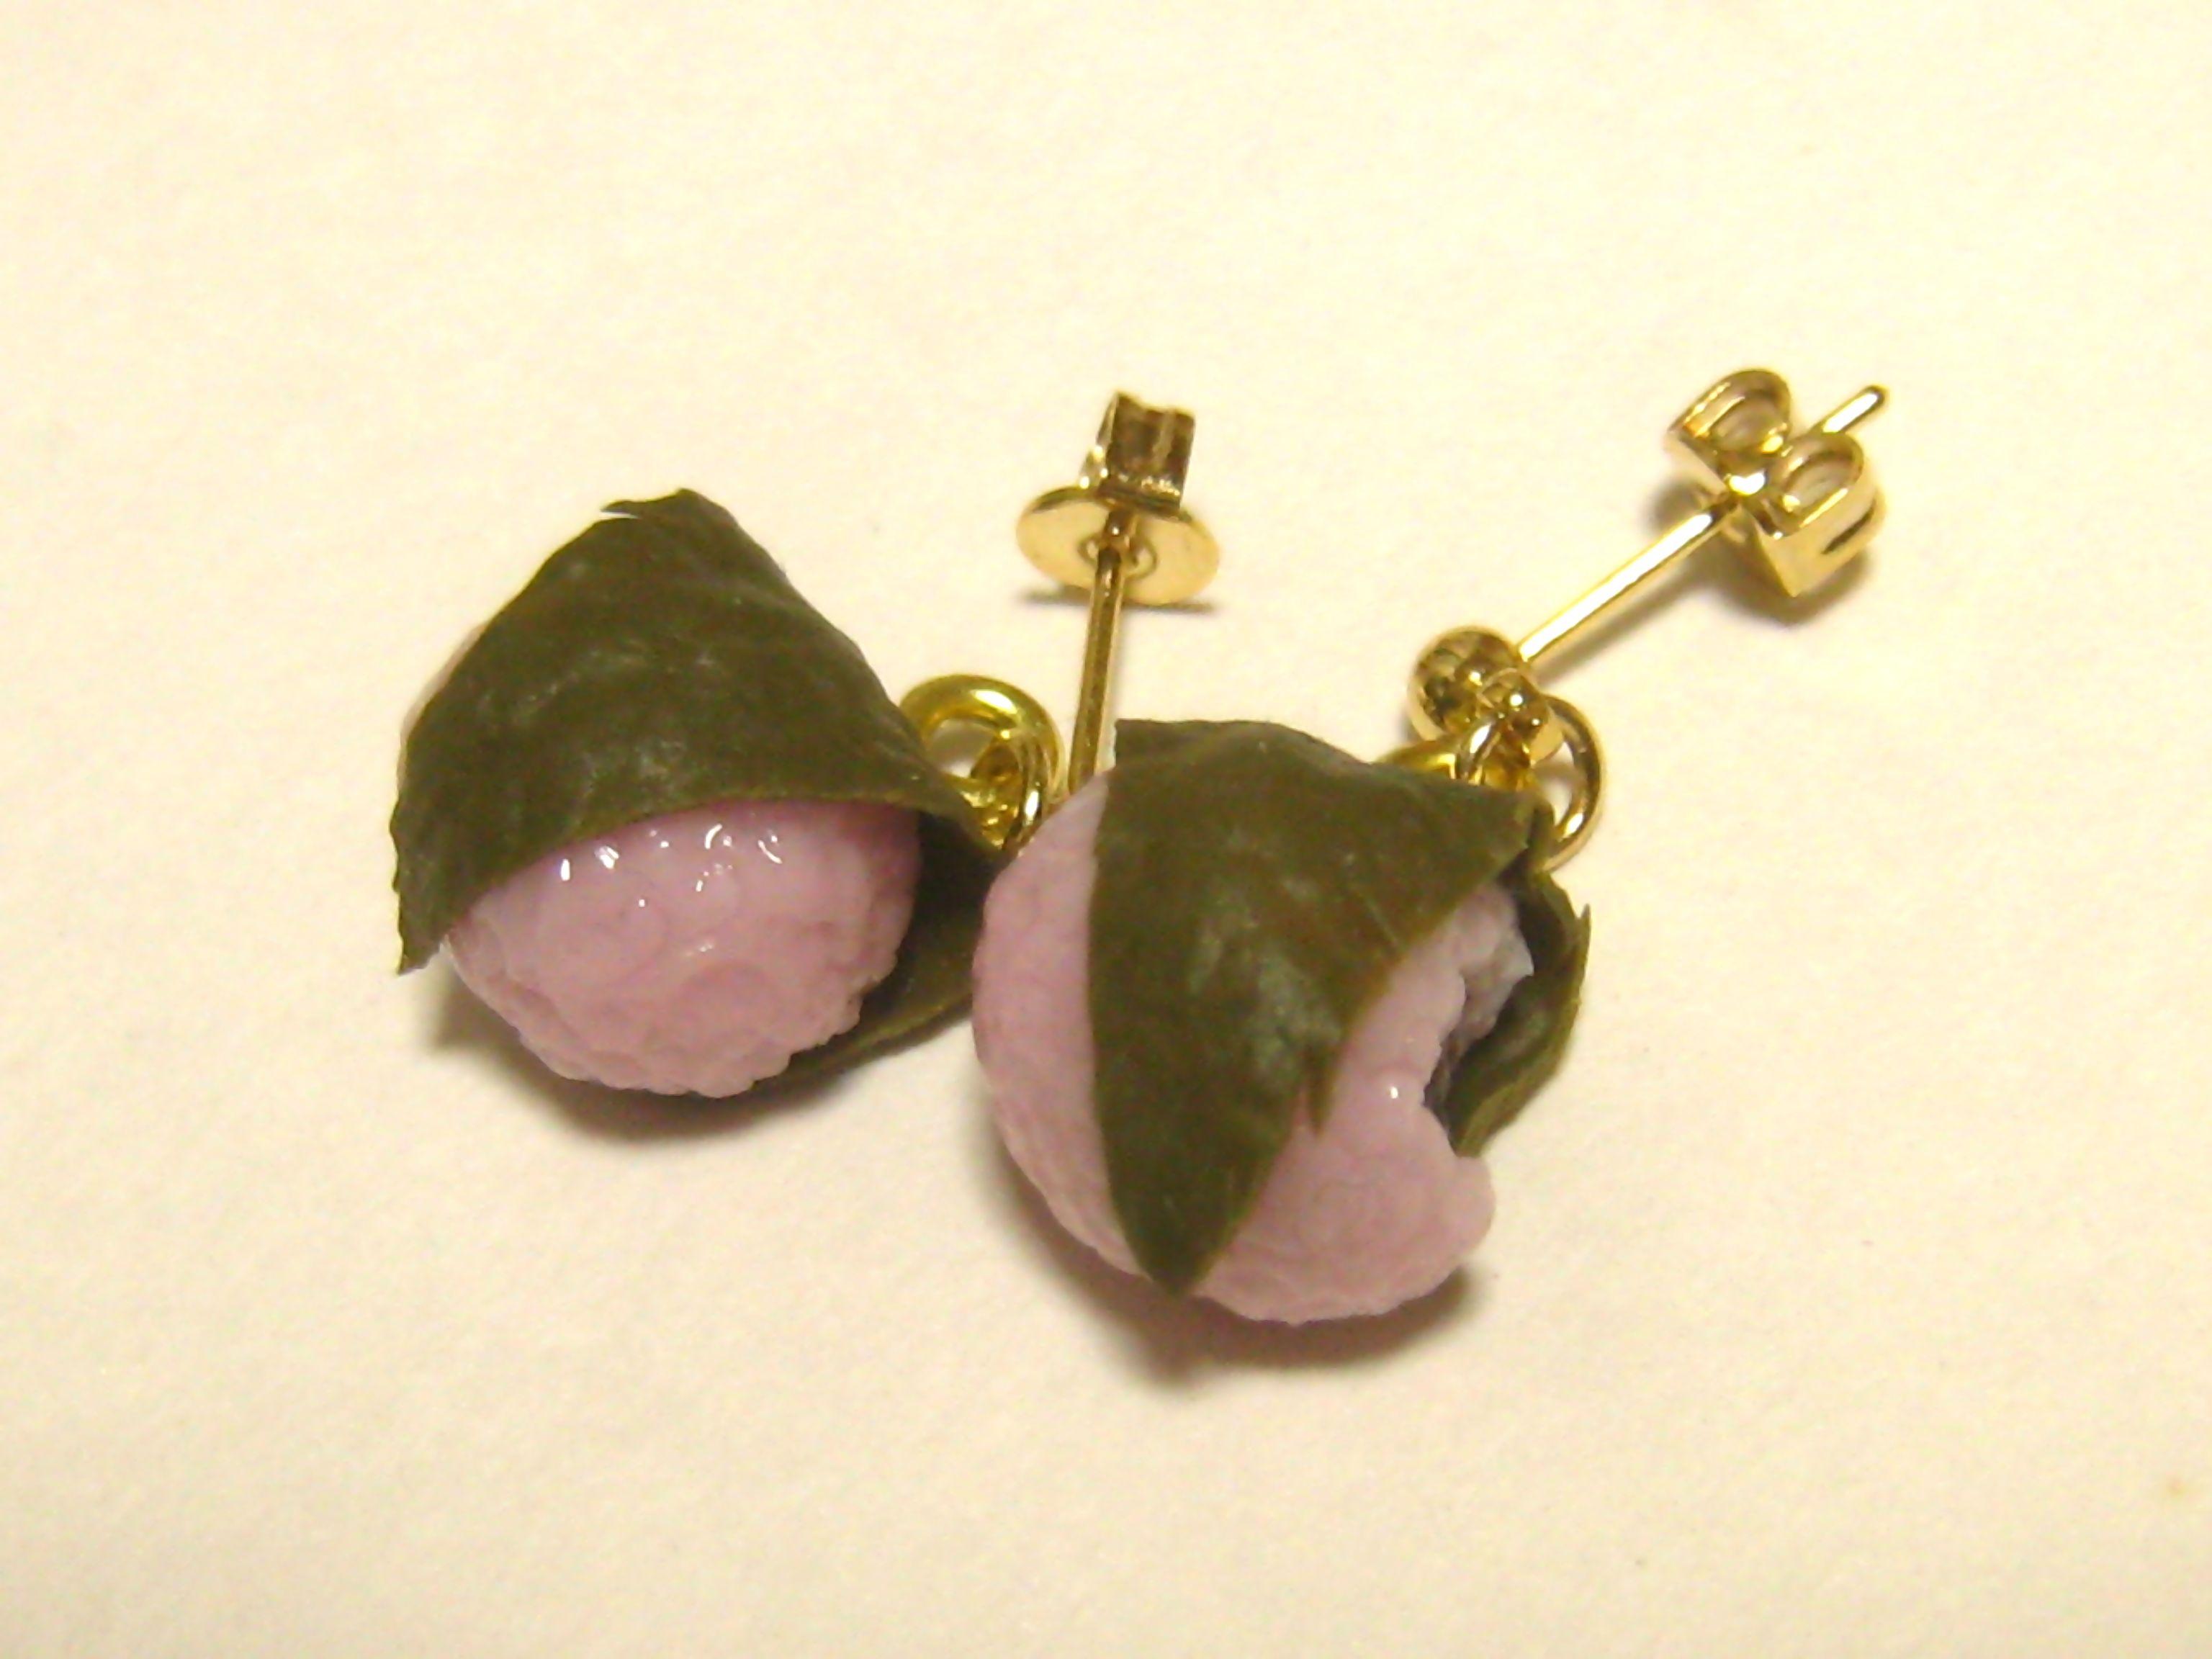 ミニチュア桜餅のピアス05221